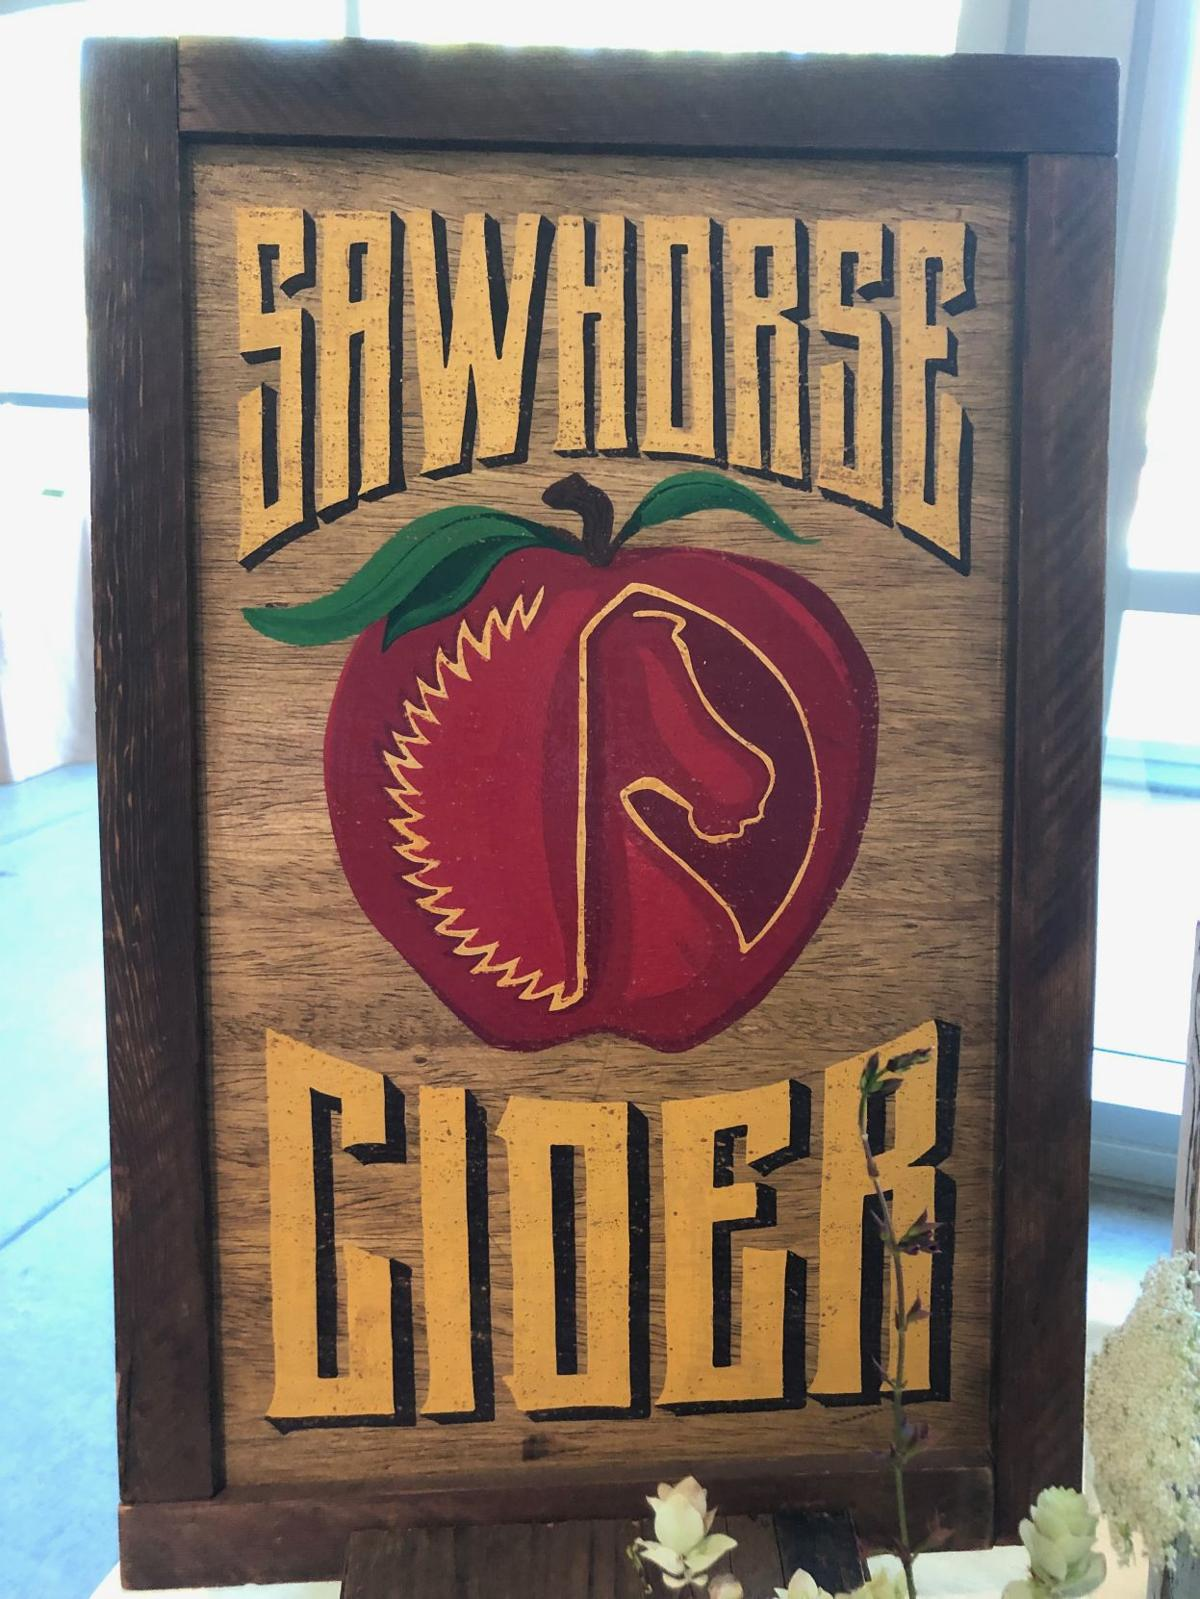 Sawhorse Cider